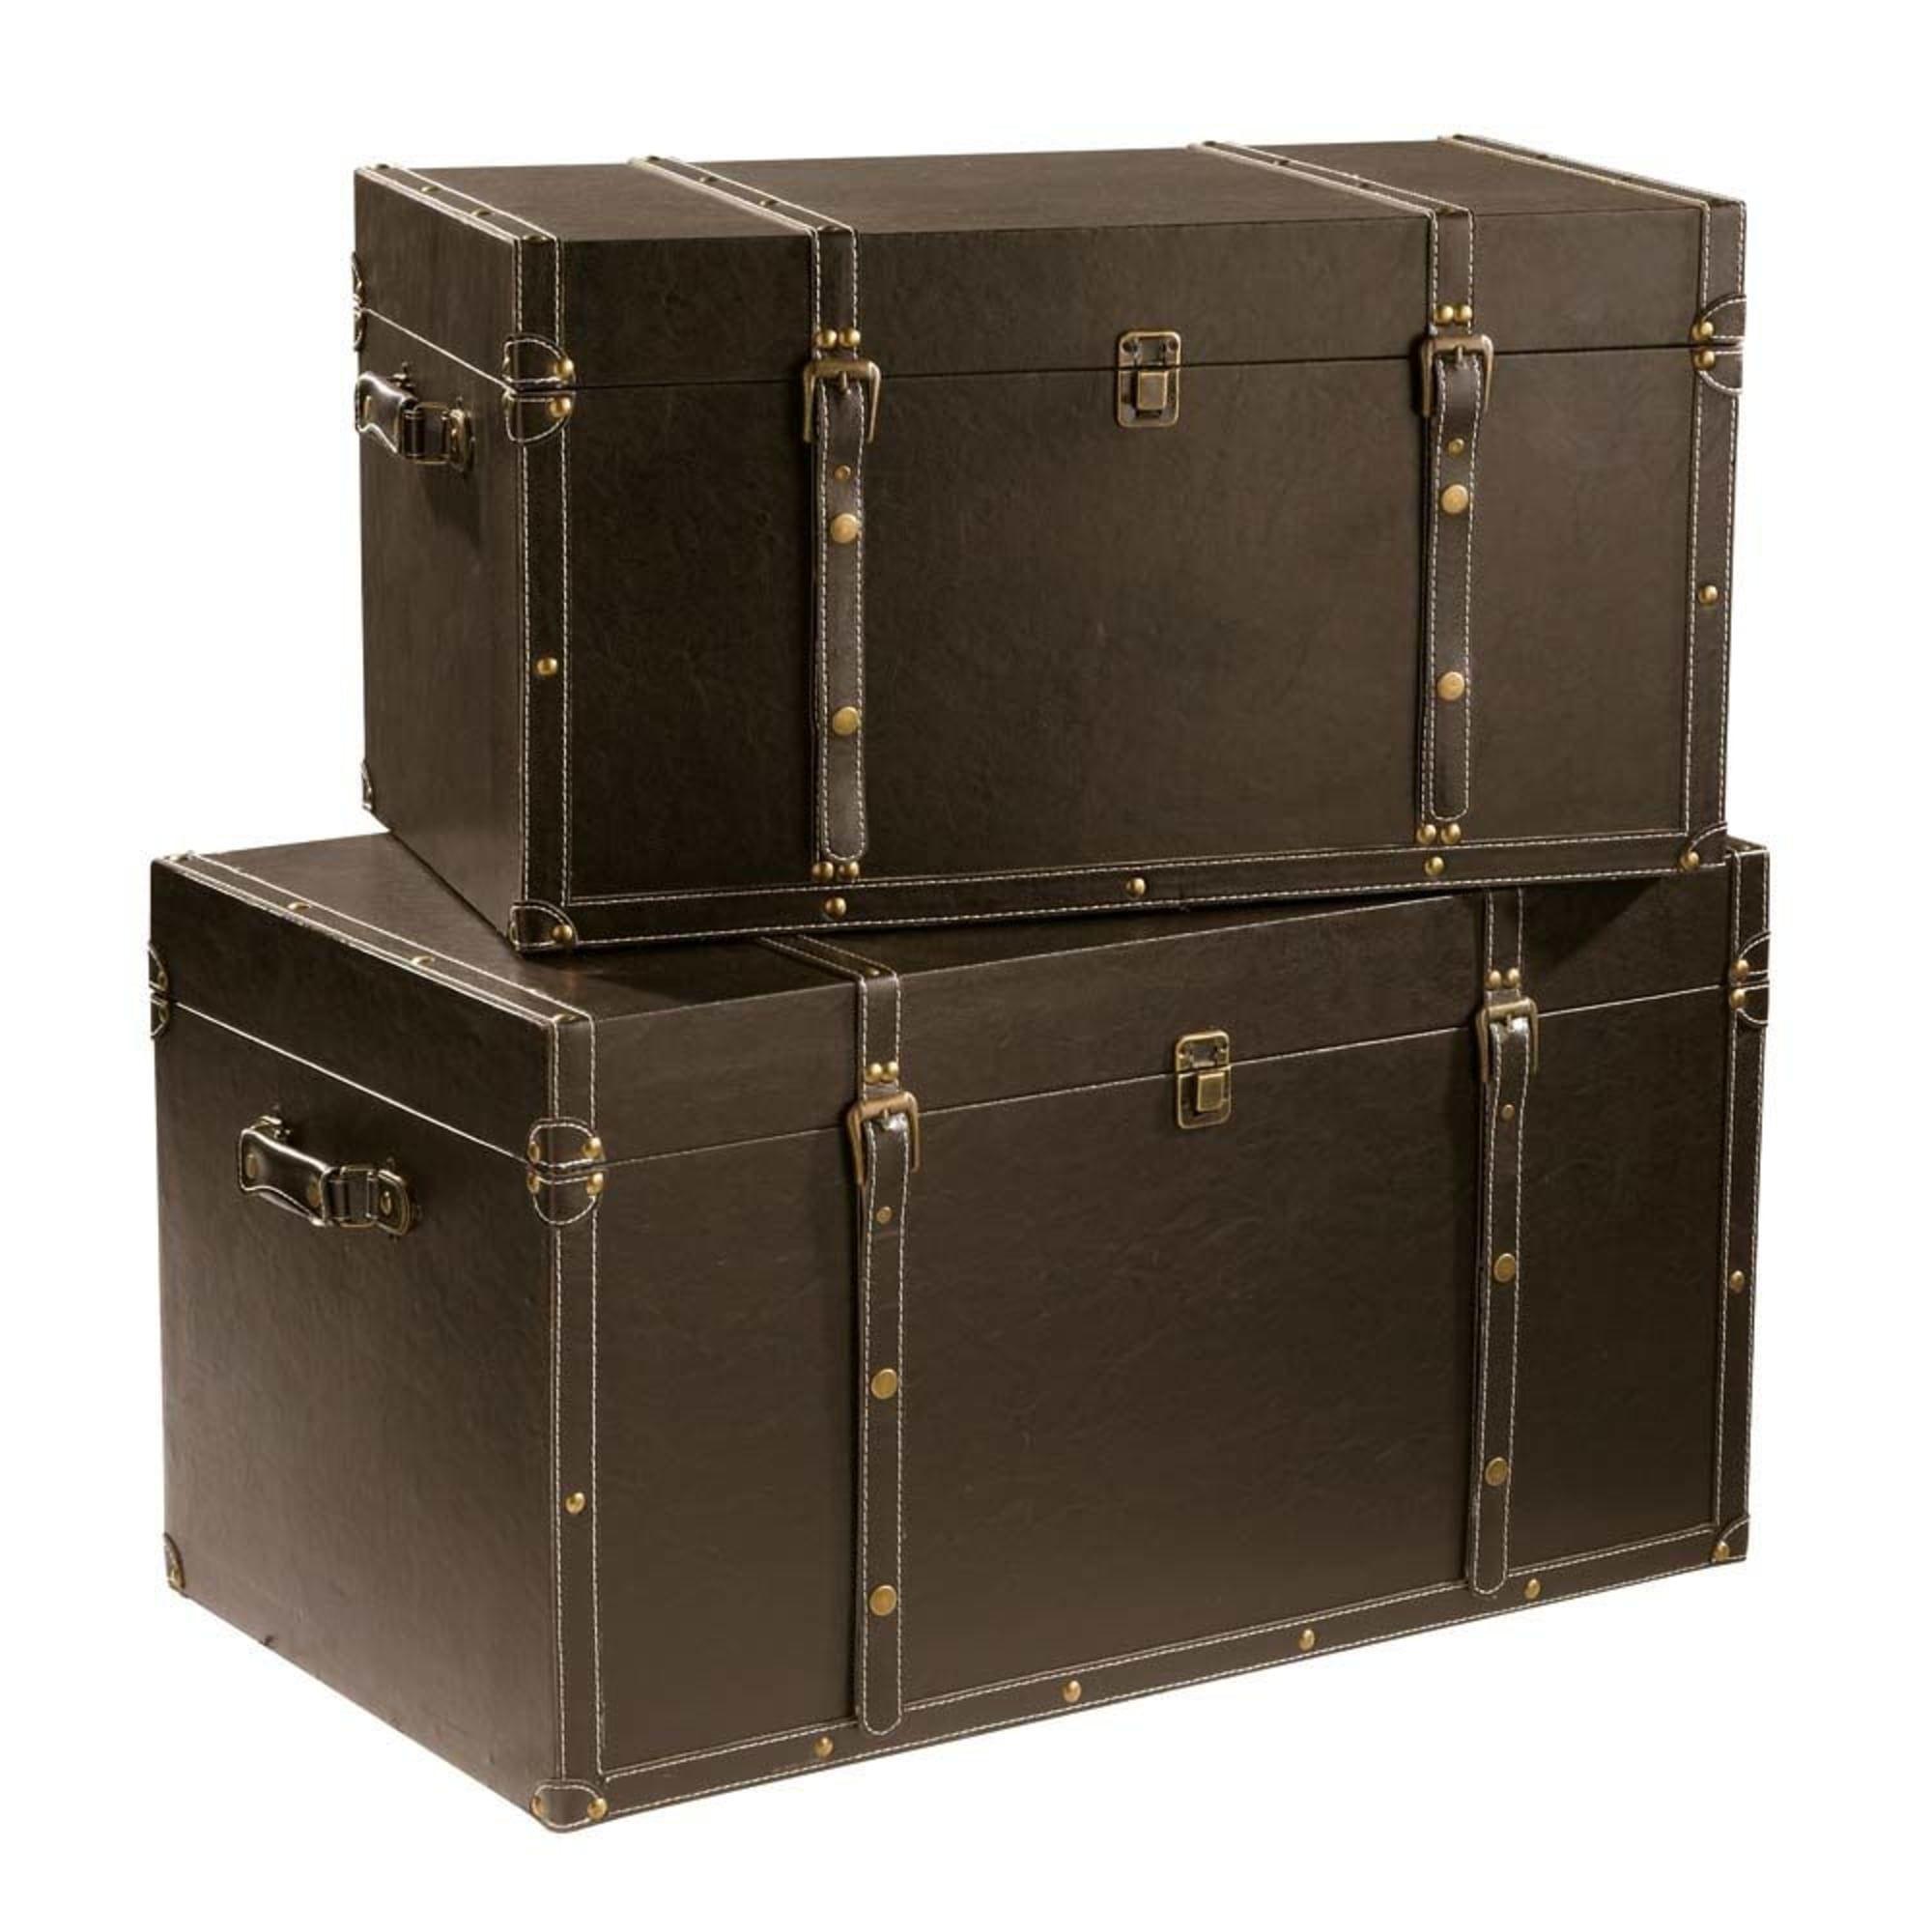 Cantine De Voyage Metallique 2 malles marrons | maison du monde, malle de rangement et malle